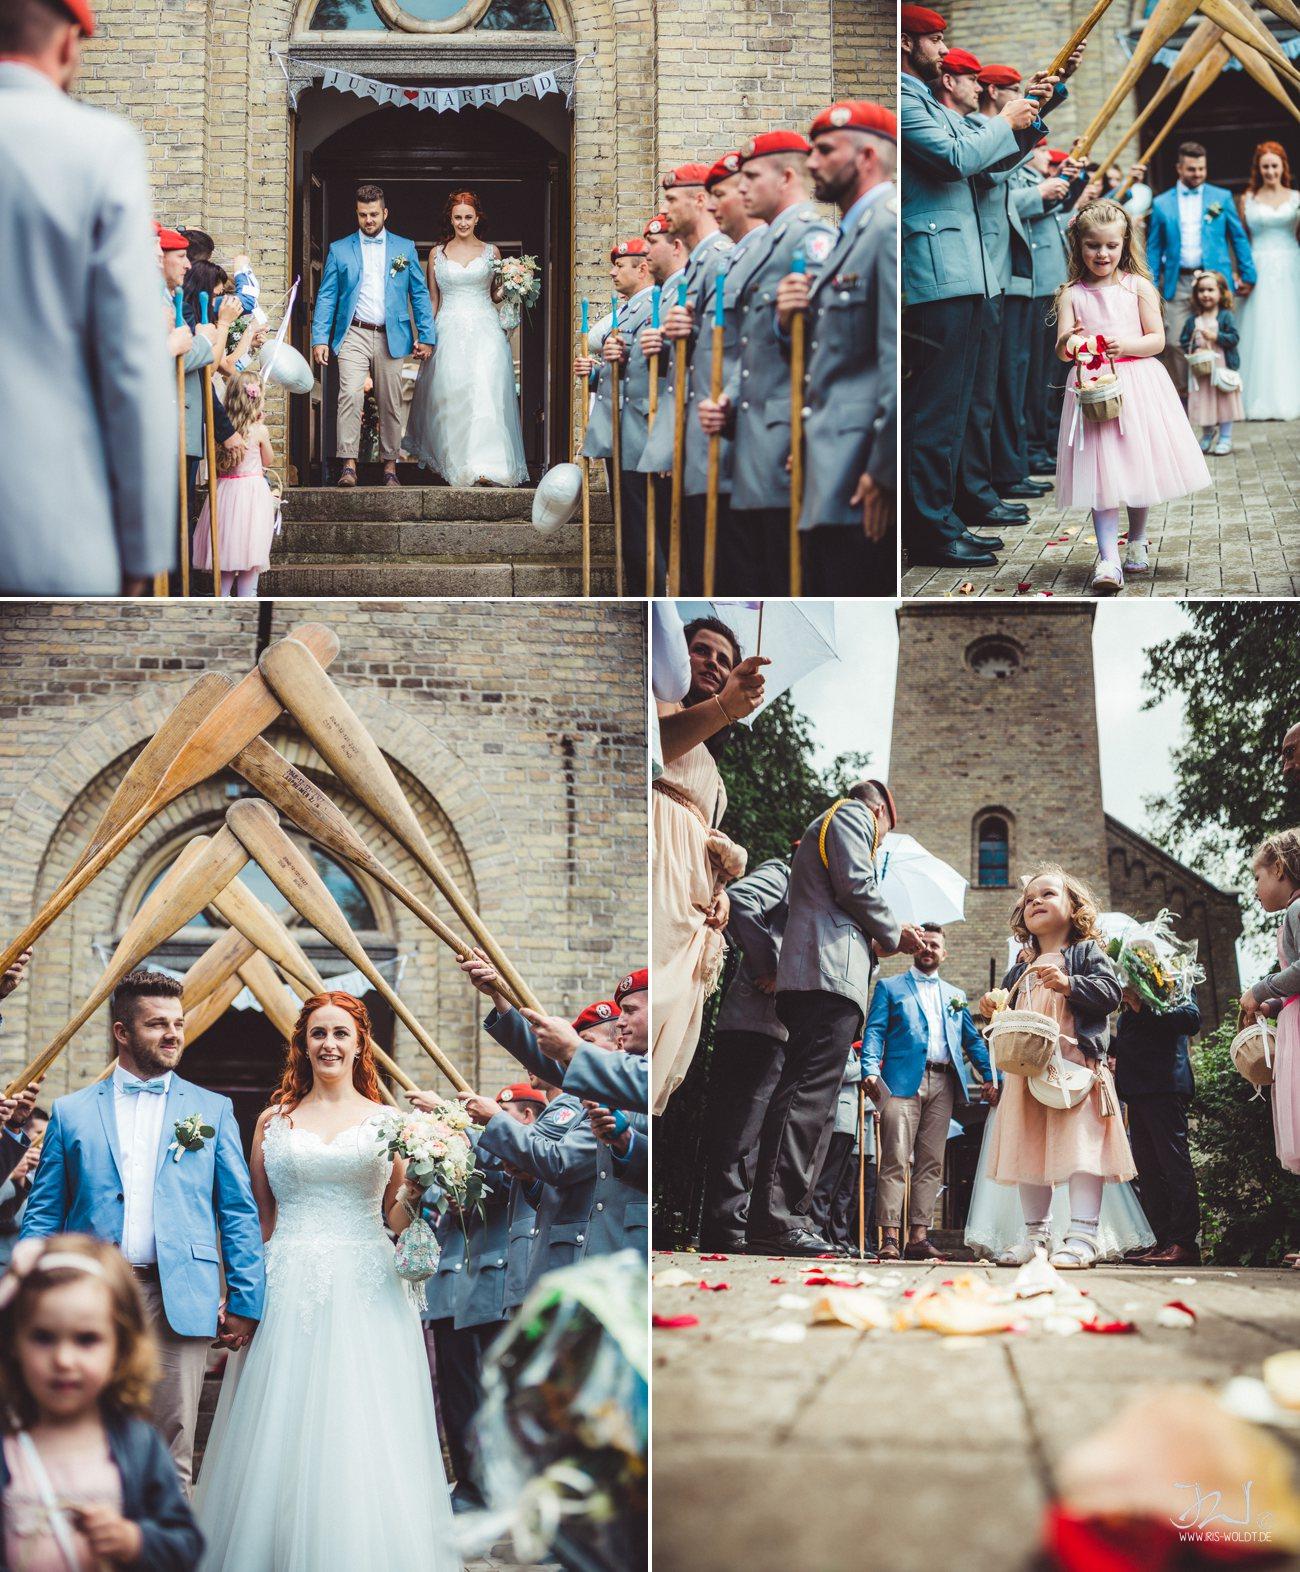 Hochzeitsfotograf_Altthymen_MuehleTornow_IrisWoldt 50